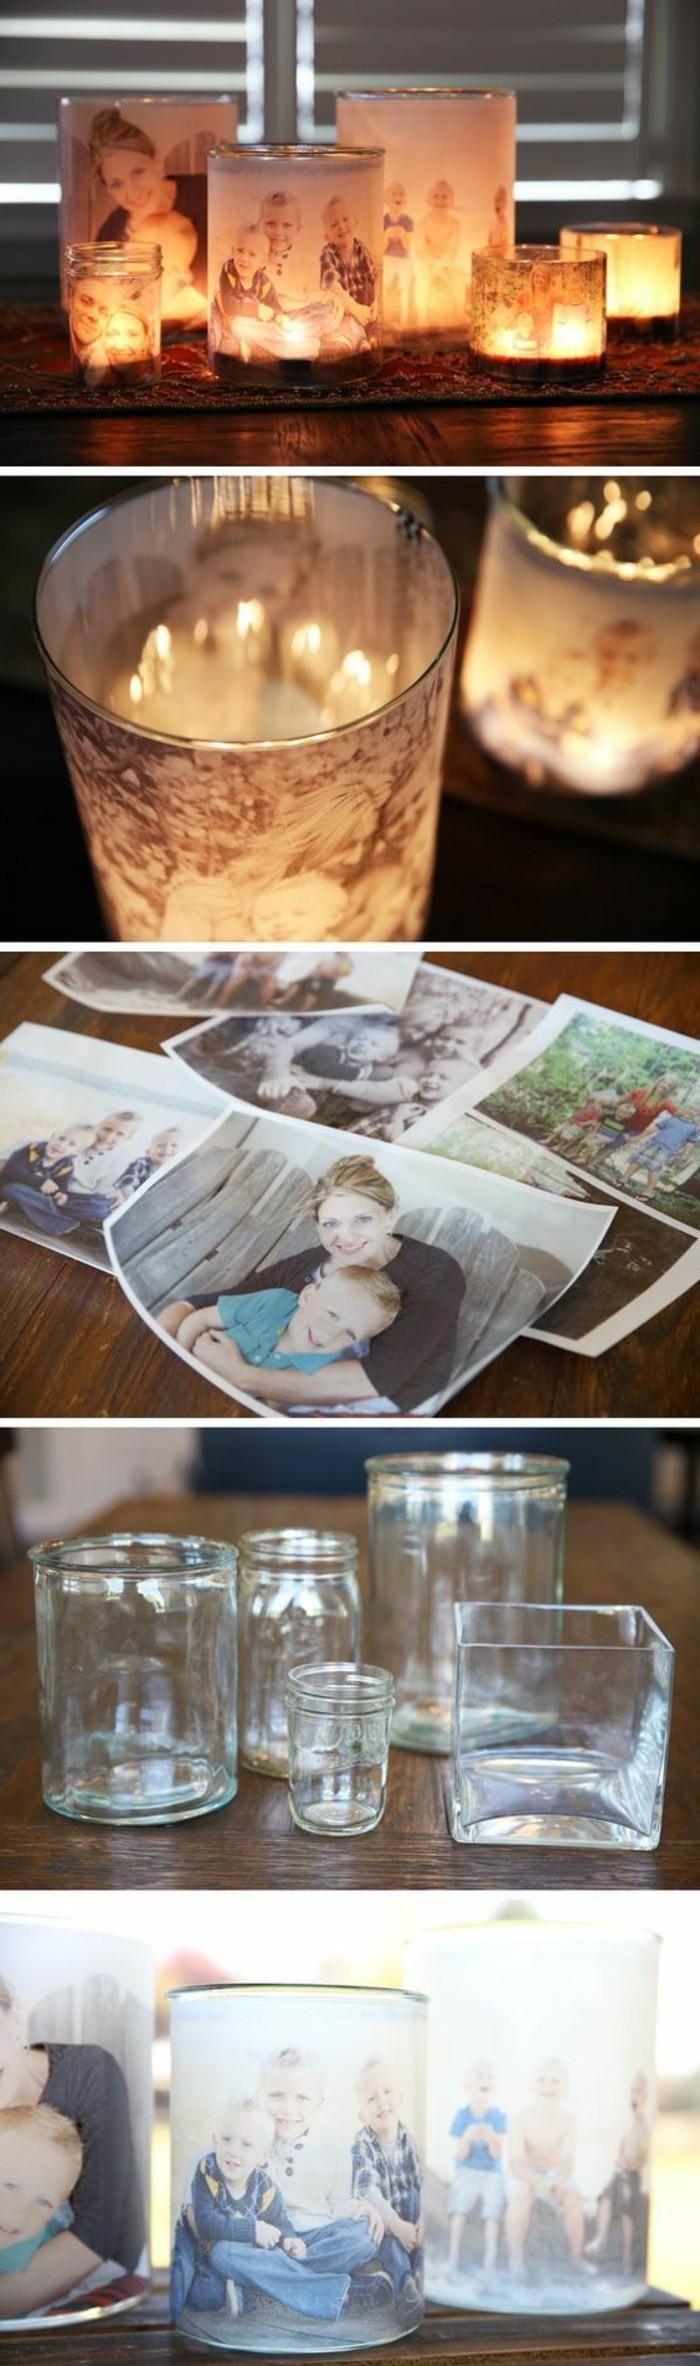 Idee regalo fai da te, bicchieri di vetro da utilizzare come portacandele, decorazione con fotografie di bambini